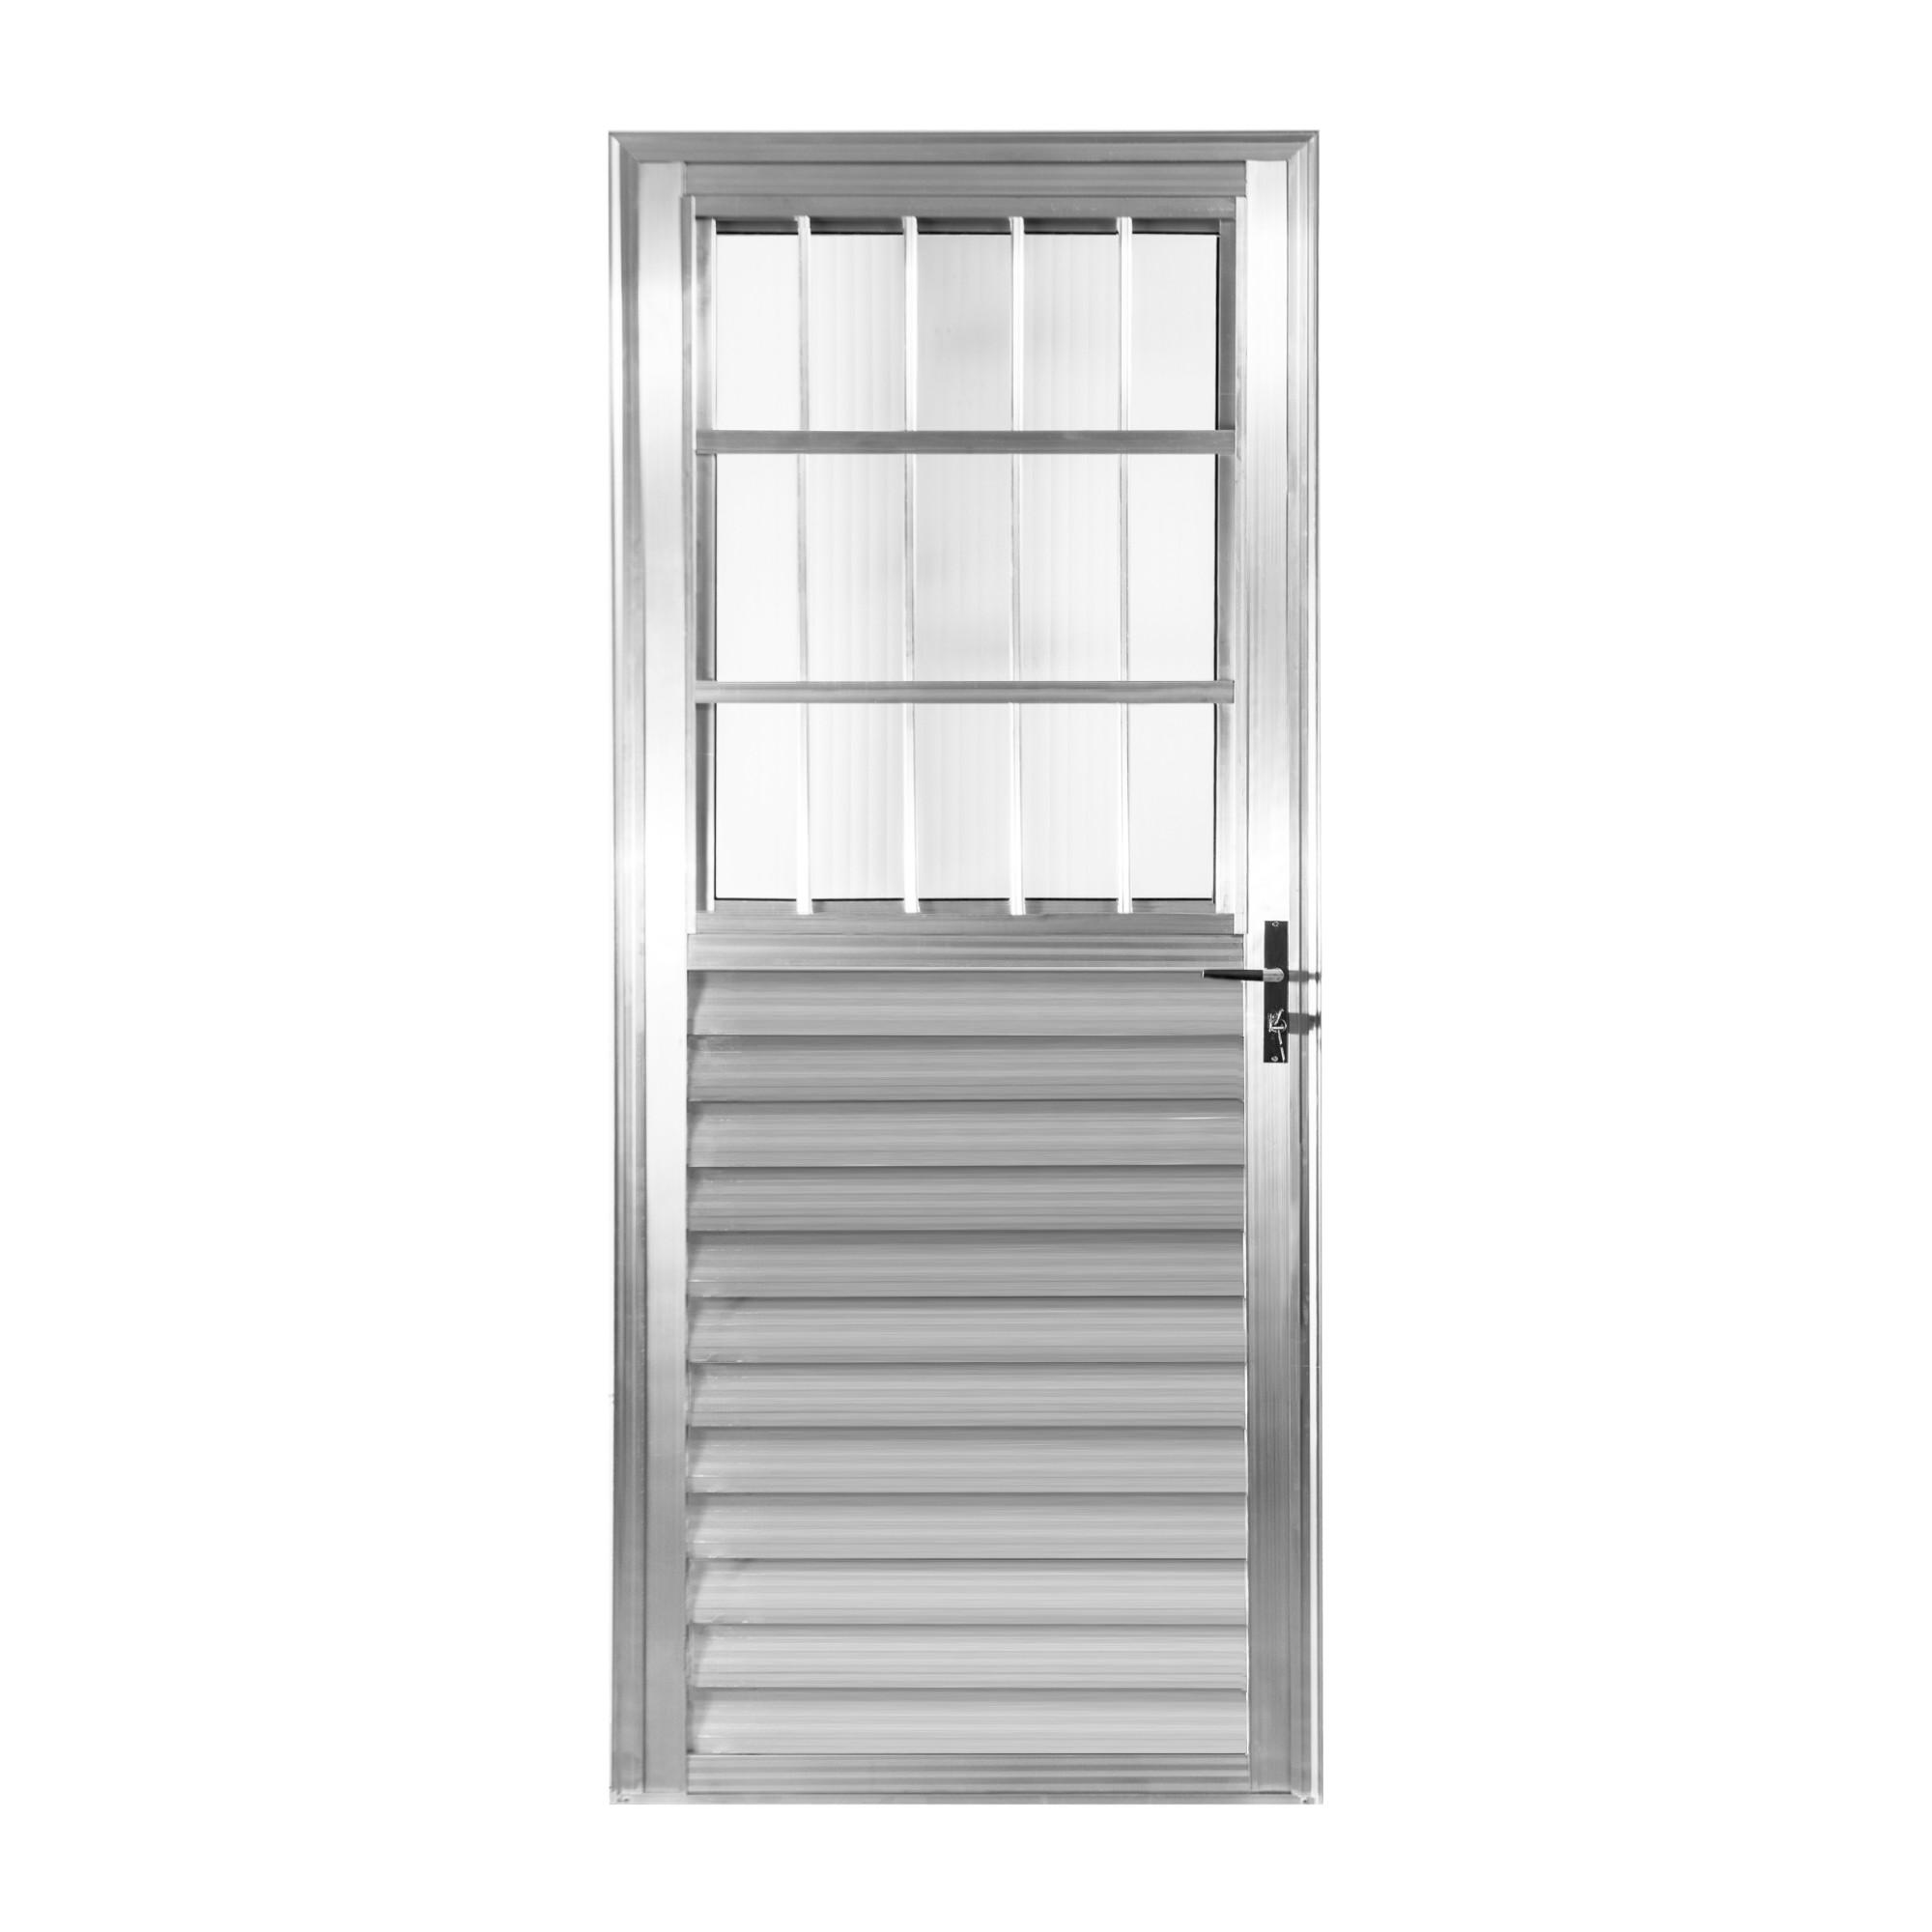 Porta de Abrir de Aluminio 210cm x 90cm Postigo Lado Esquerdo - Aluvid